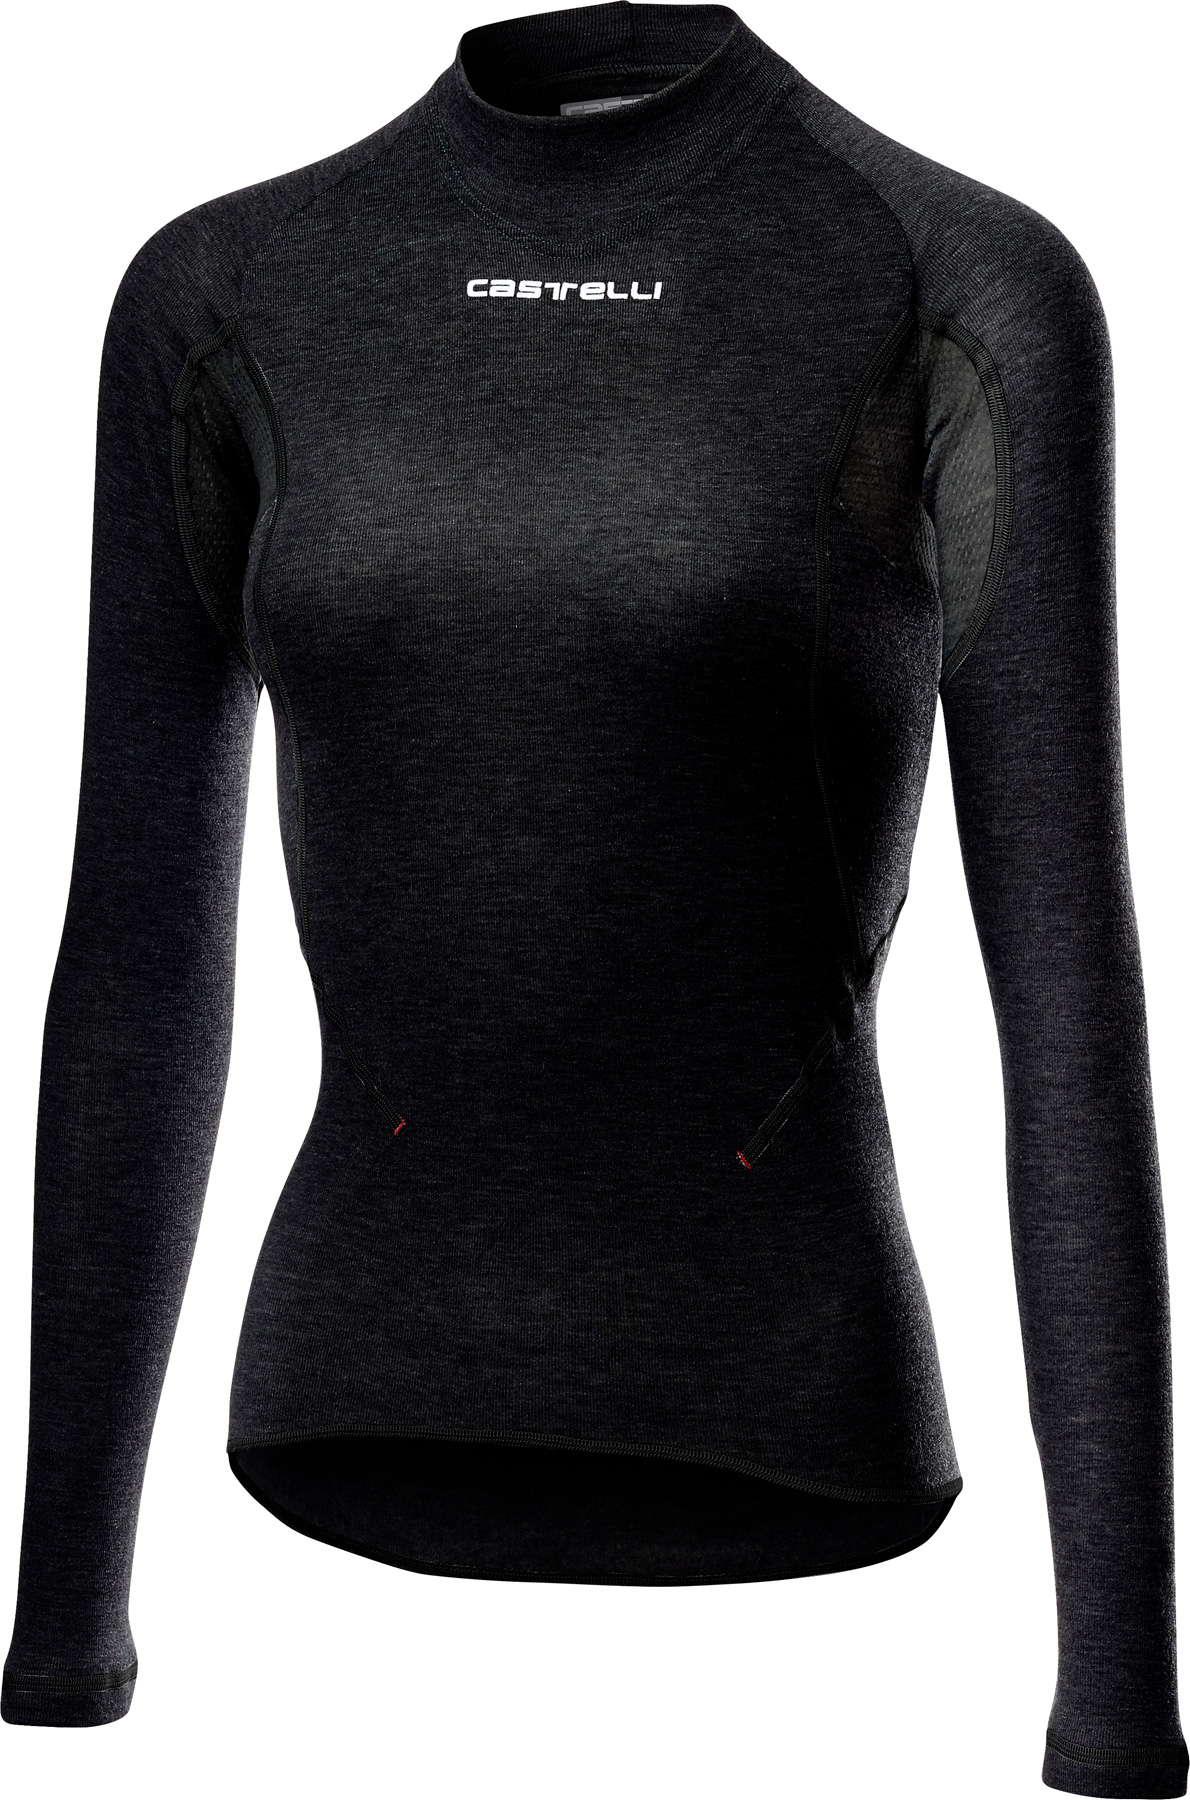 Produktbild von Castelli Flanders 2 W Warm Long Sleeve Damen Unterhemd - black 010